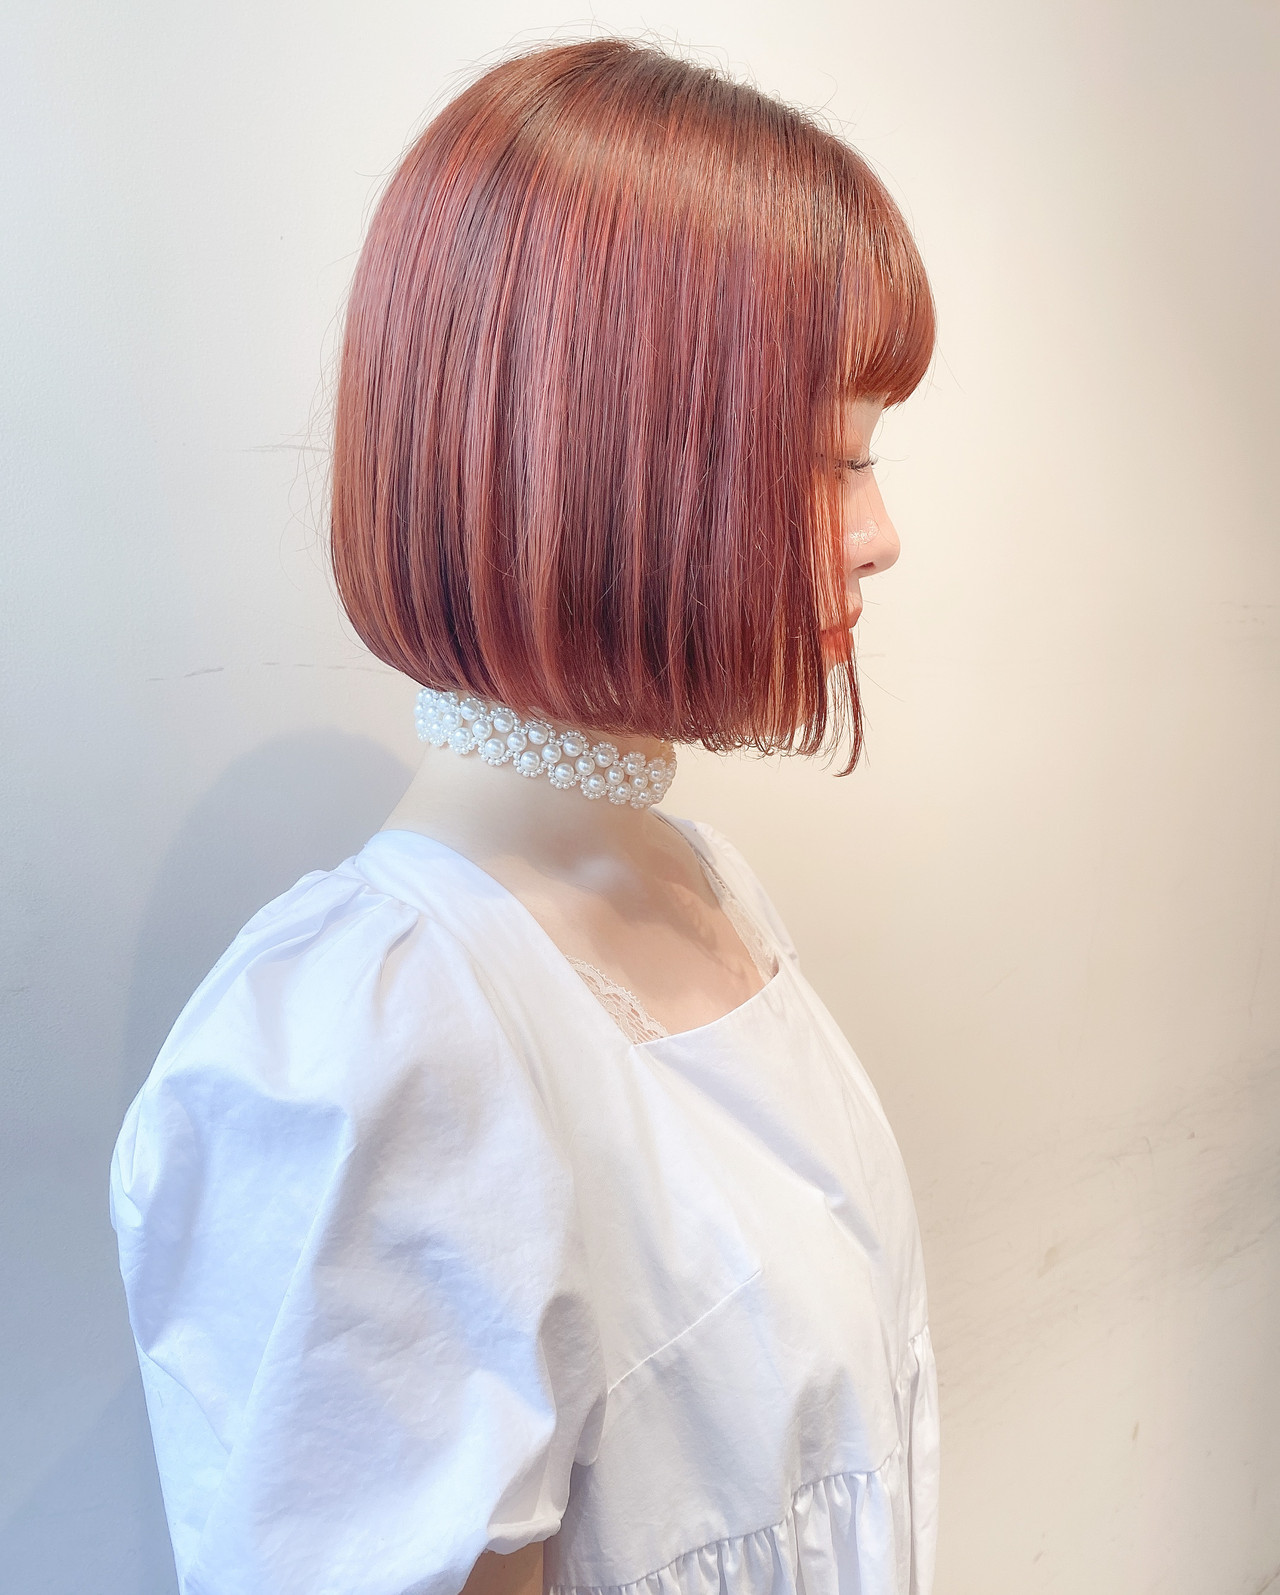 オレンジベージュ 切りっぱなしボブ オレンジカラー ボブ ヘアスタイルや髪型の写真・画像